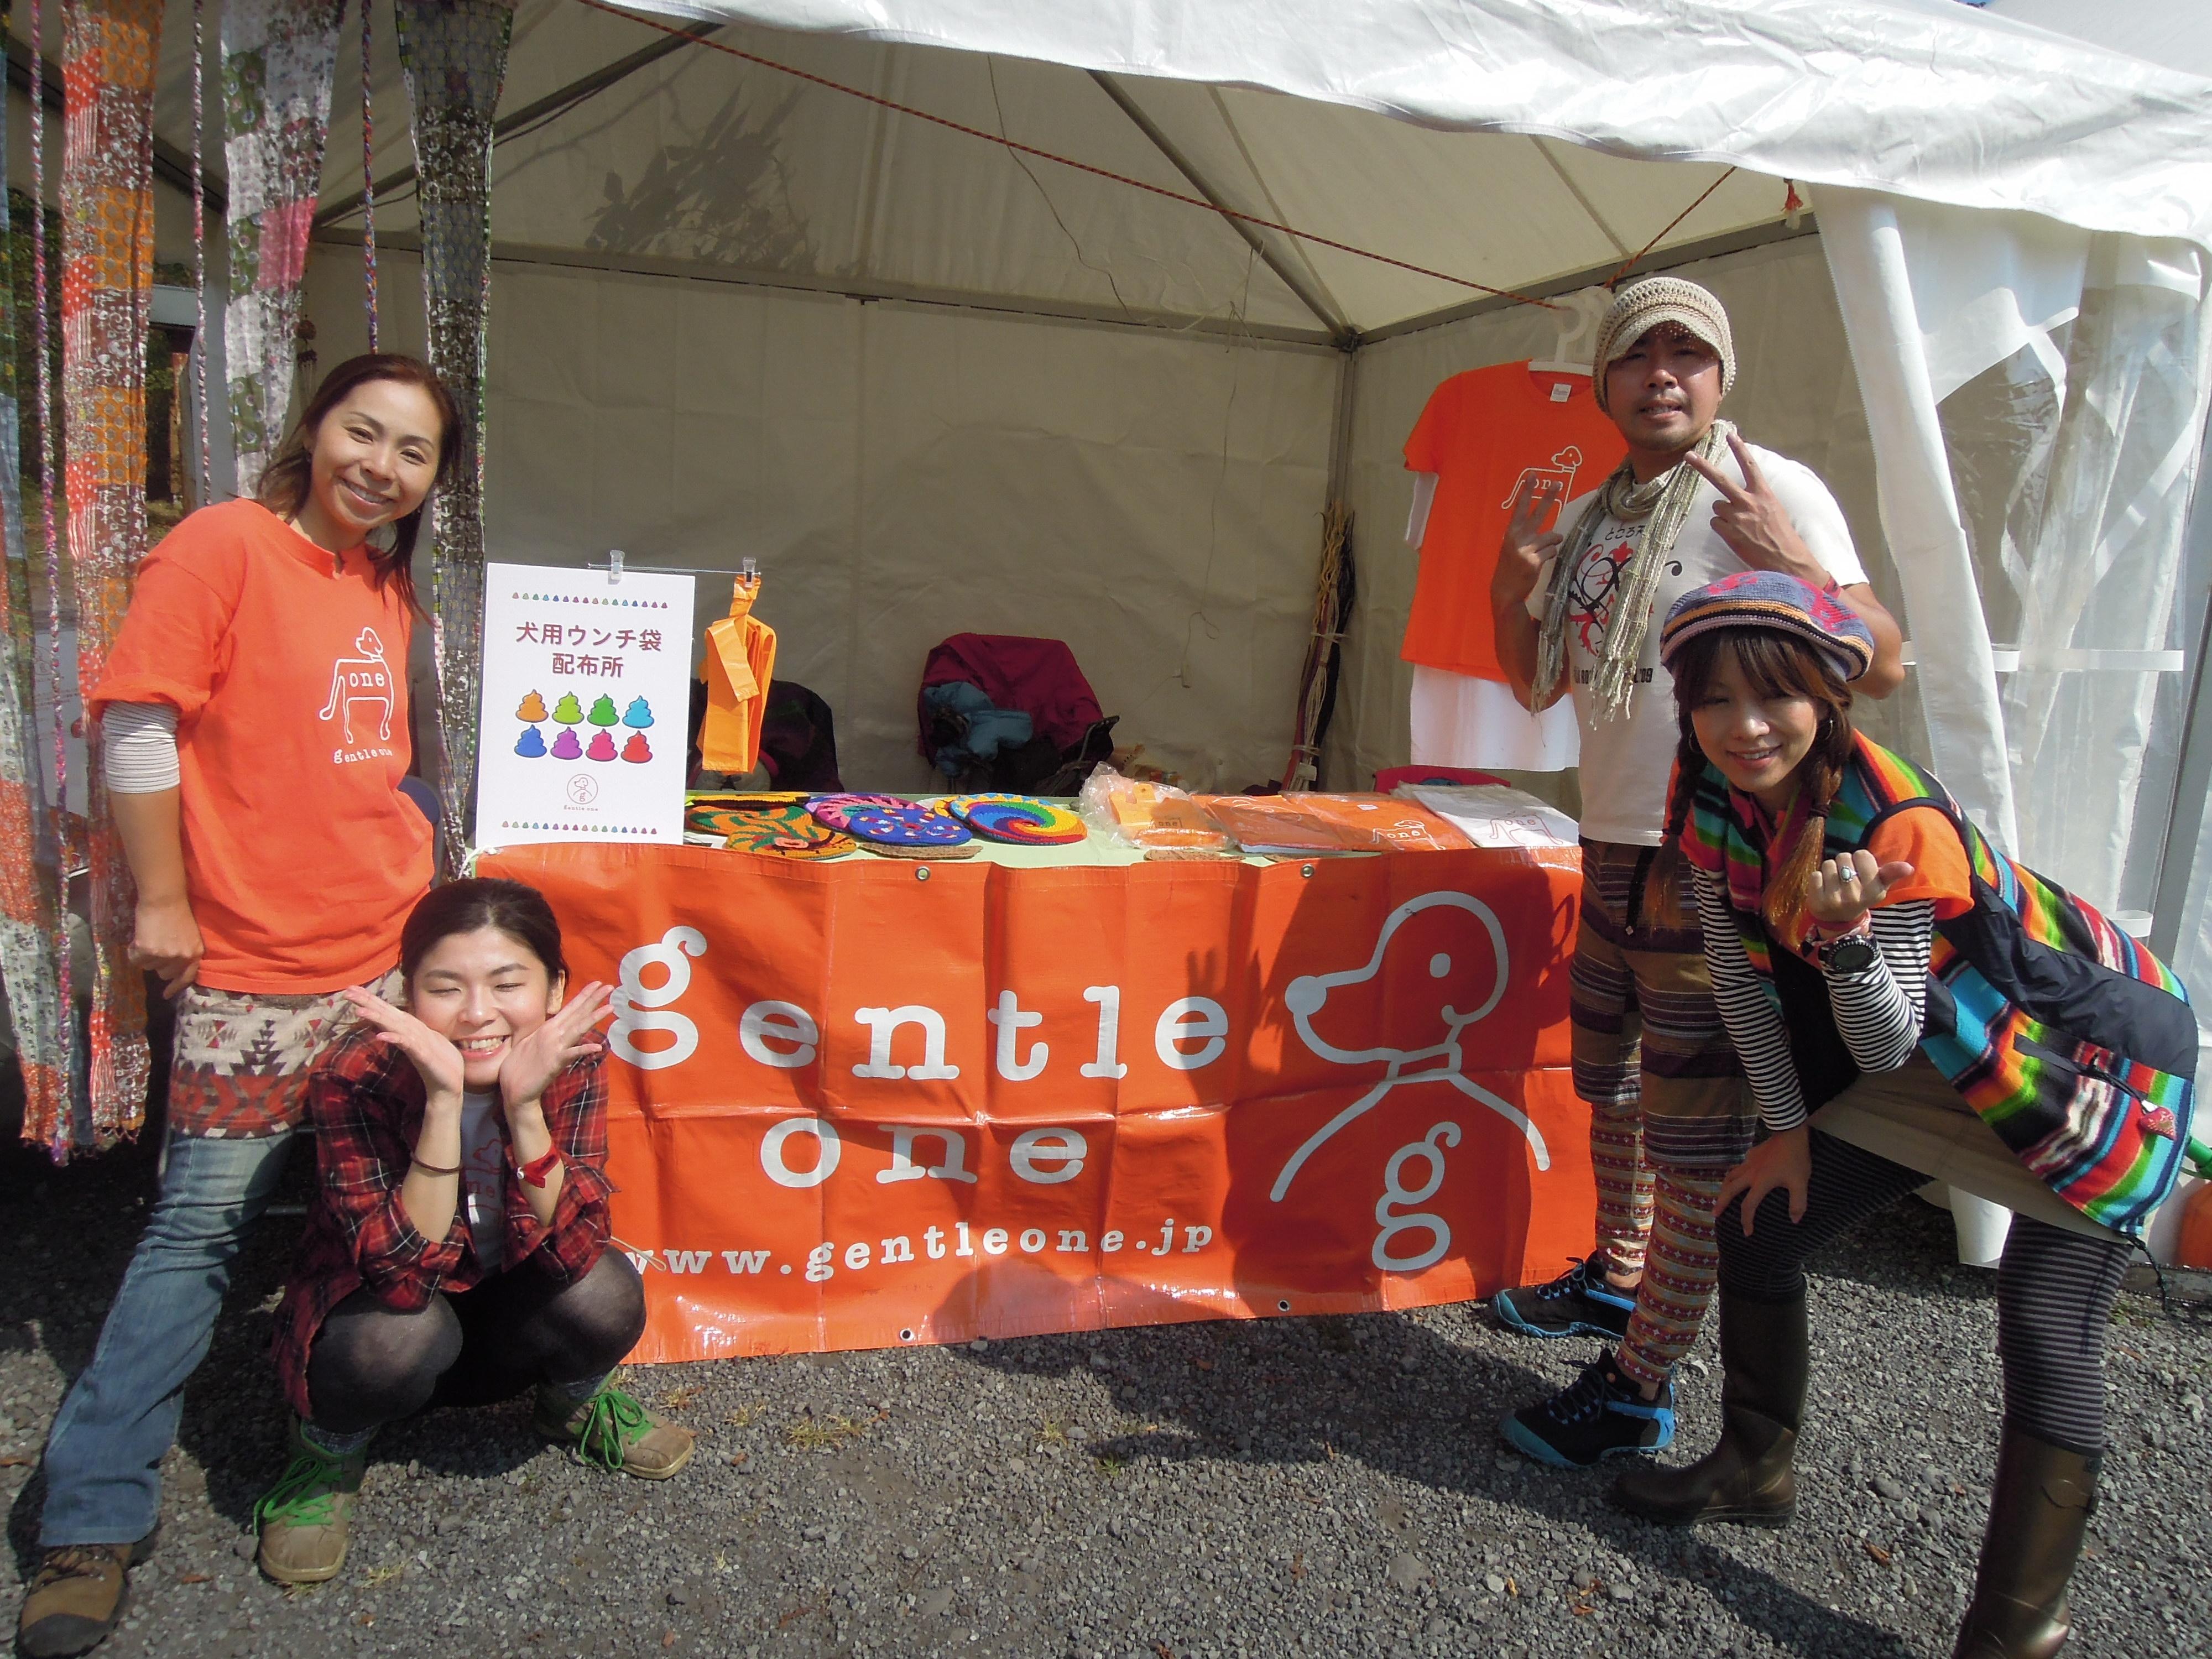 http://gentleone.jp/report/event/DSCN1909.JPG